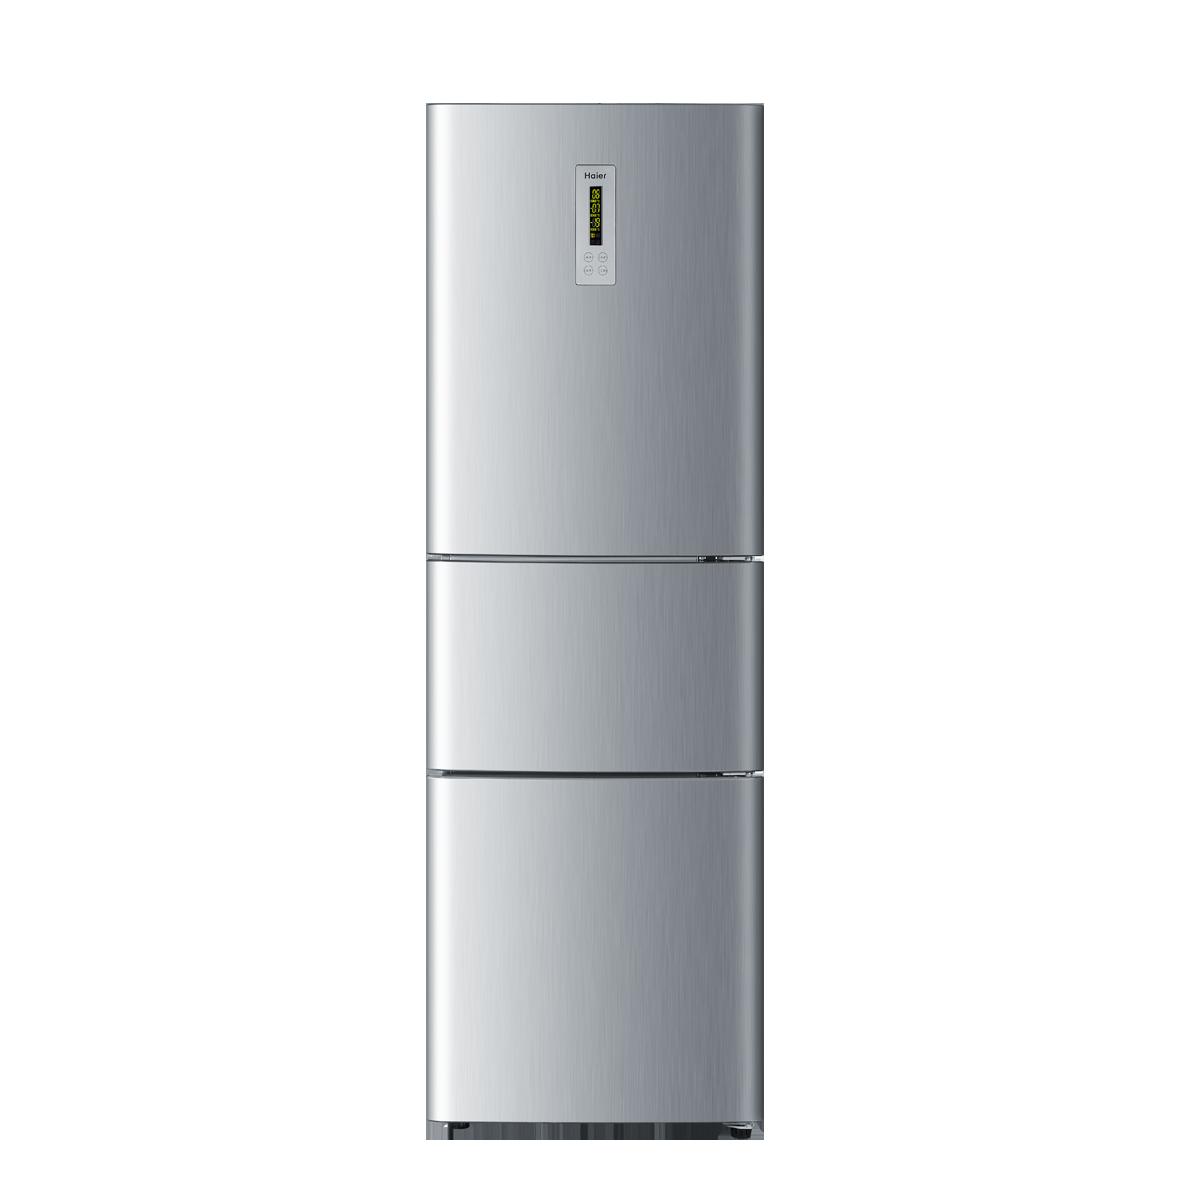 海尔Haier冰箱 BCD-223SDA 说明书